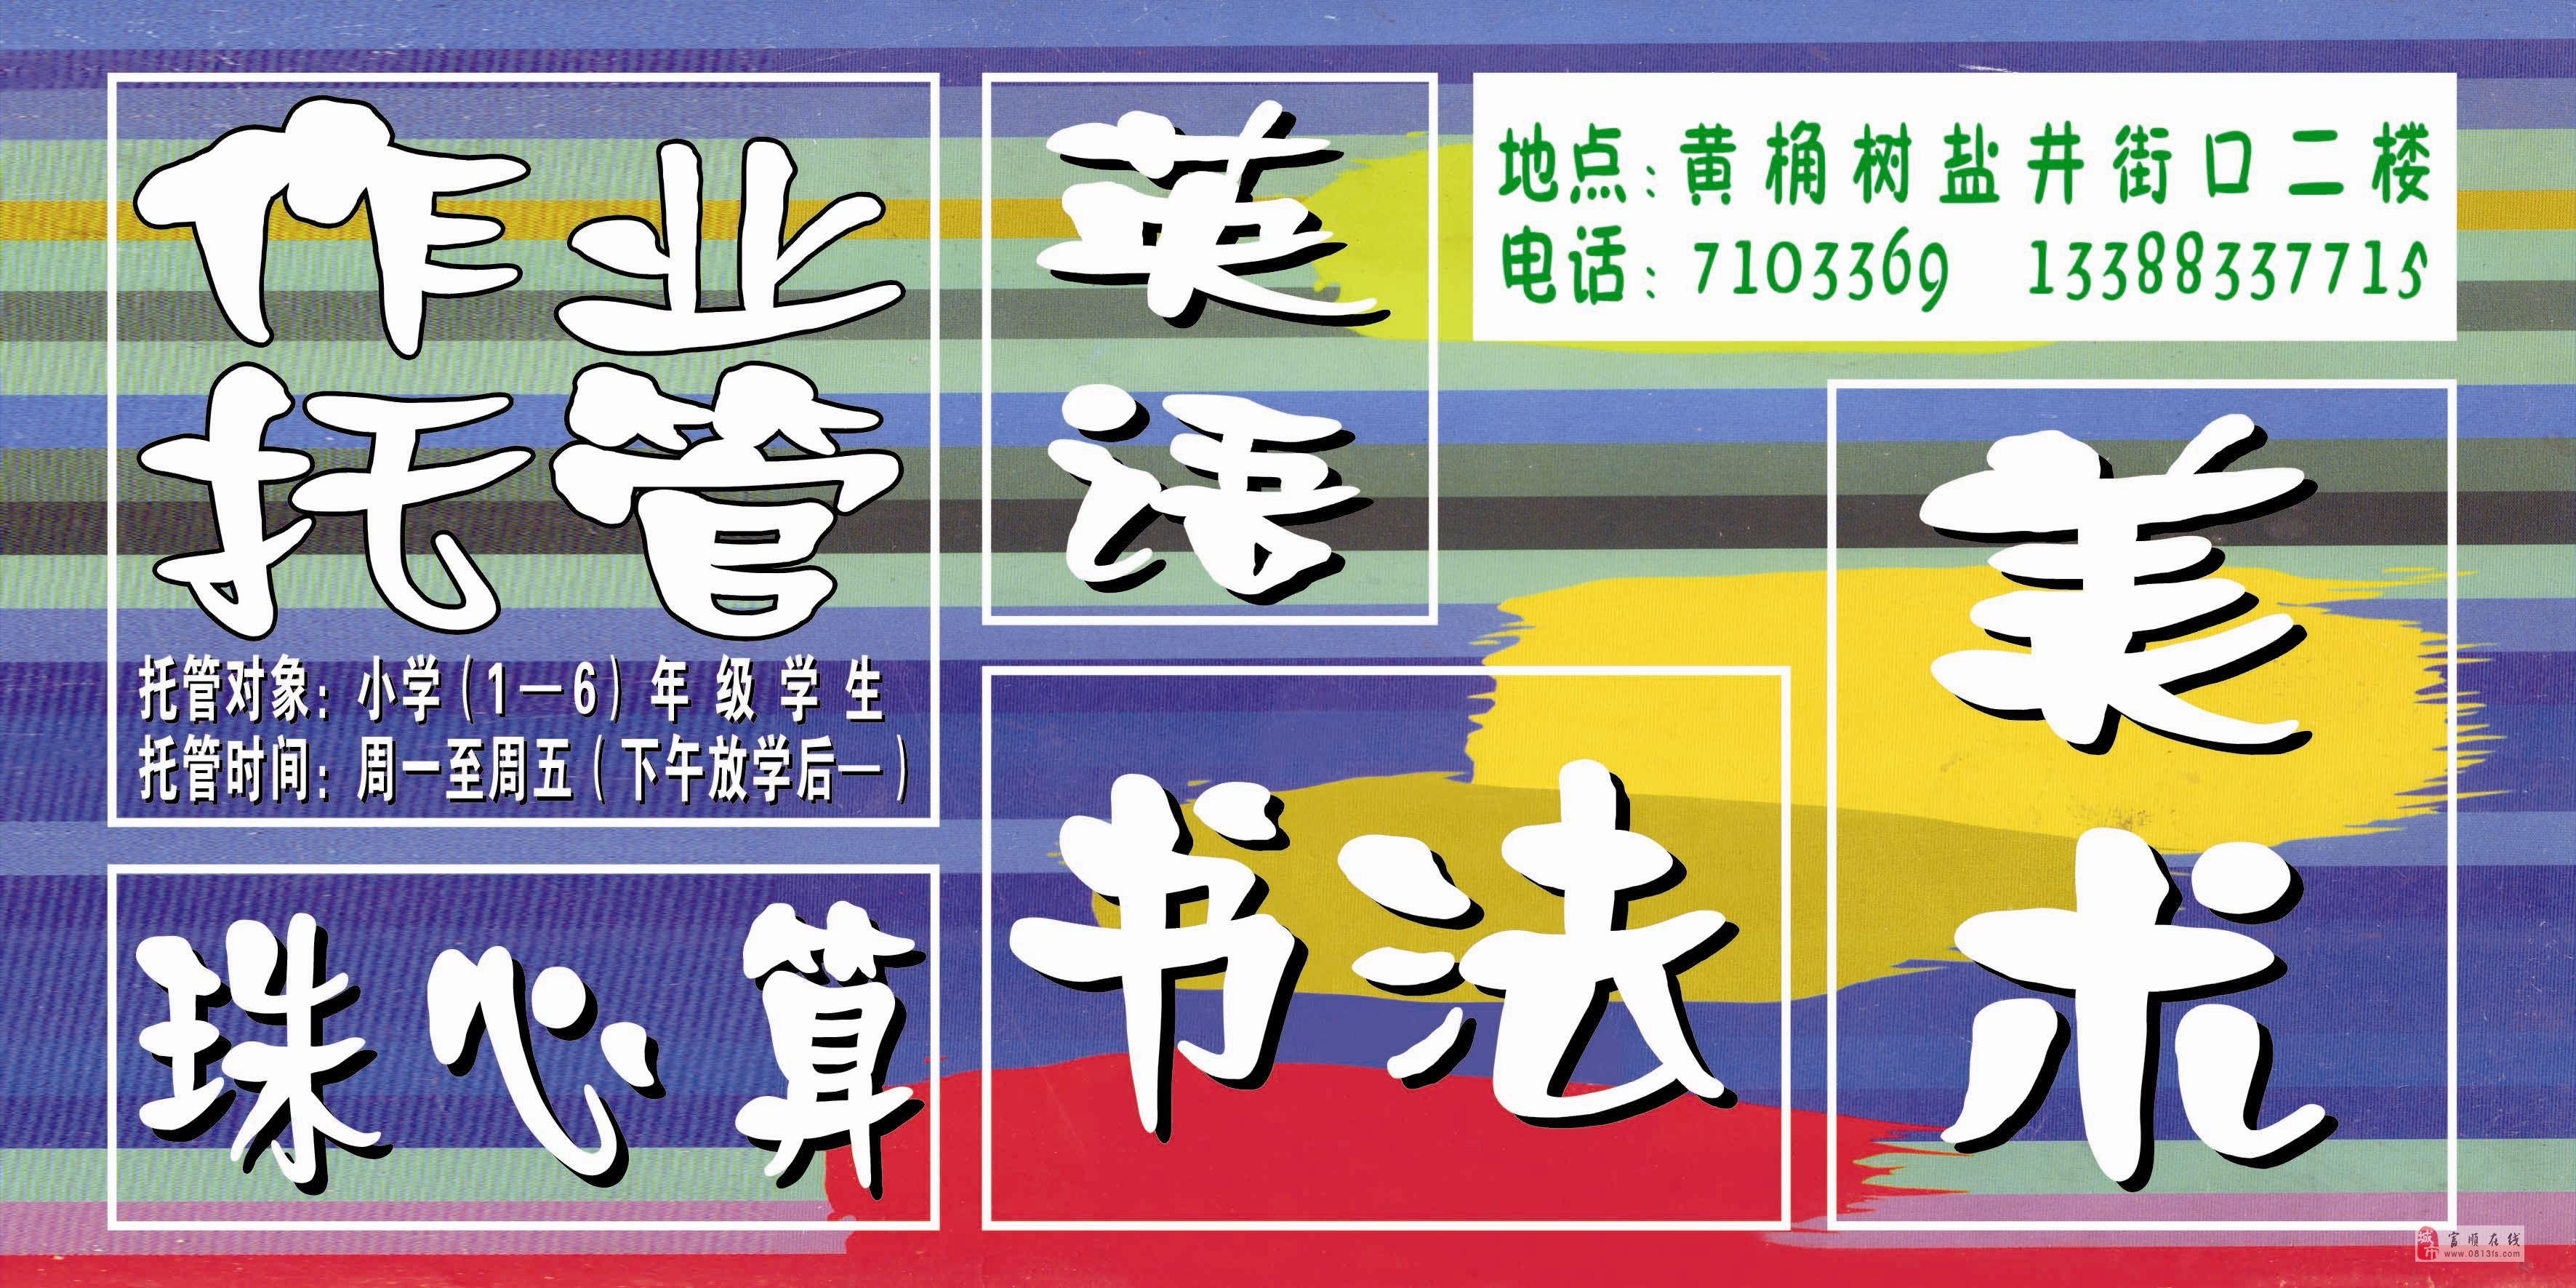 2013-3-2正式行课啦!